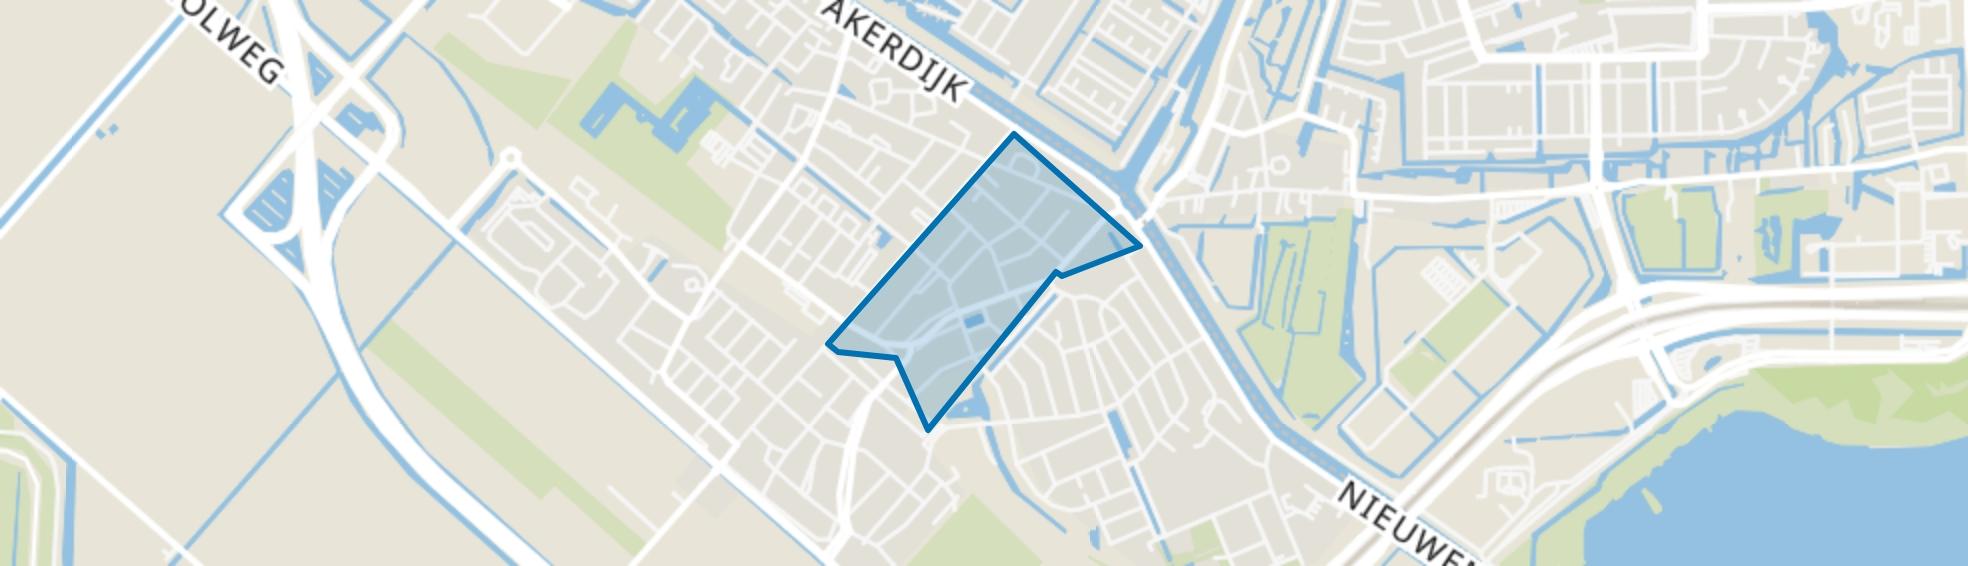 Badhoevedorp Centrum, Badhoevedorp map